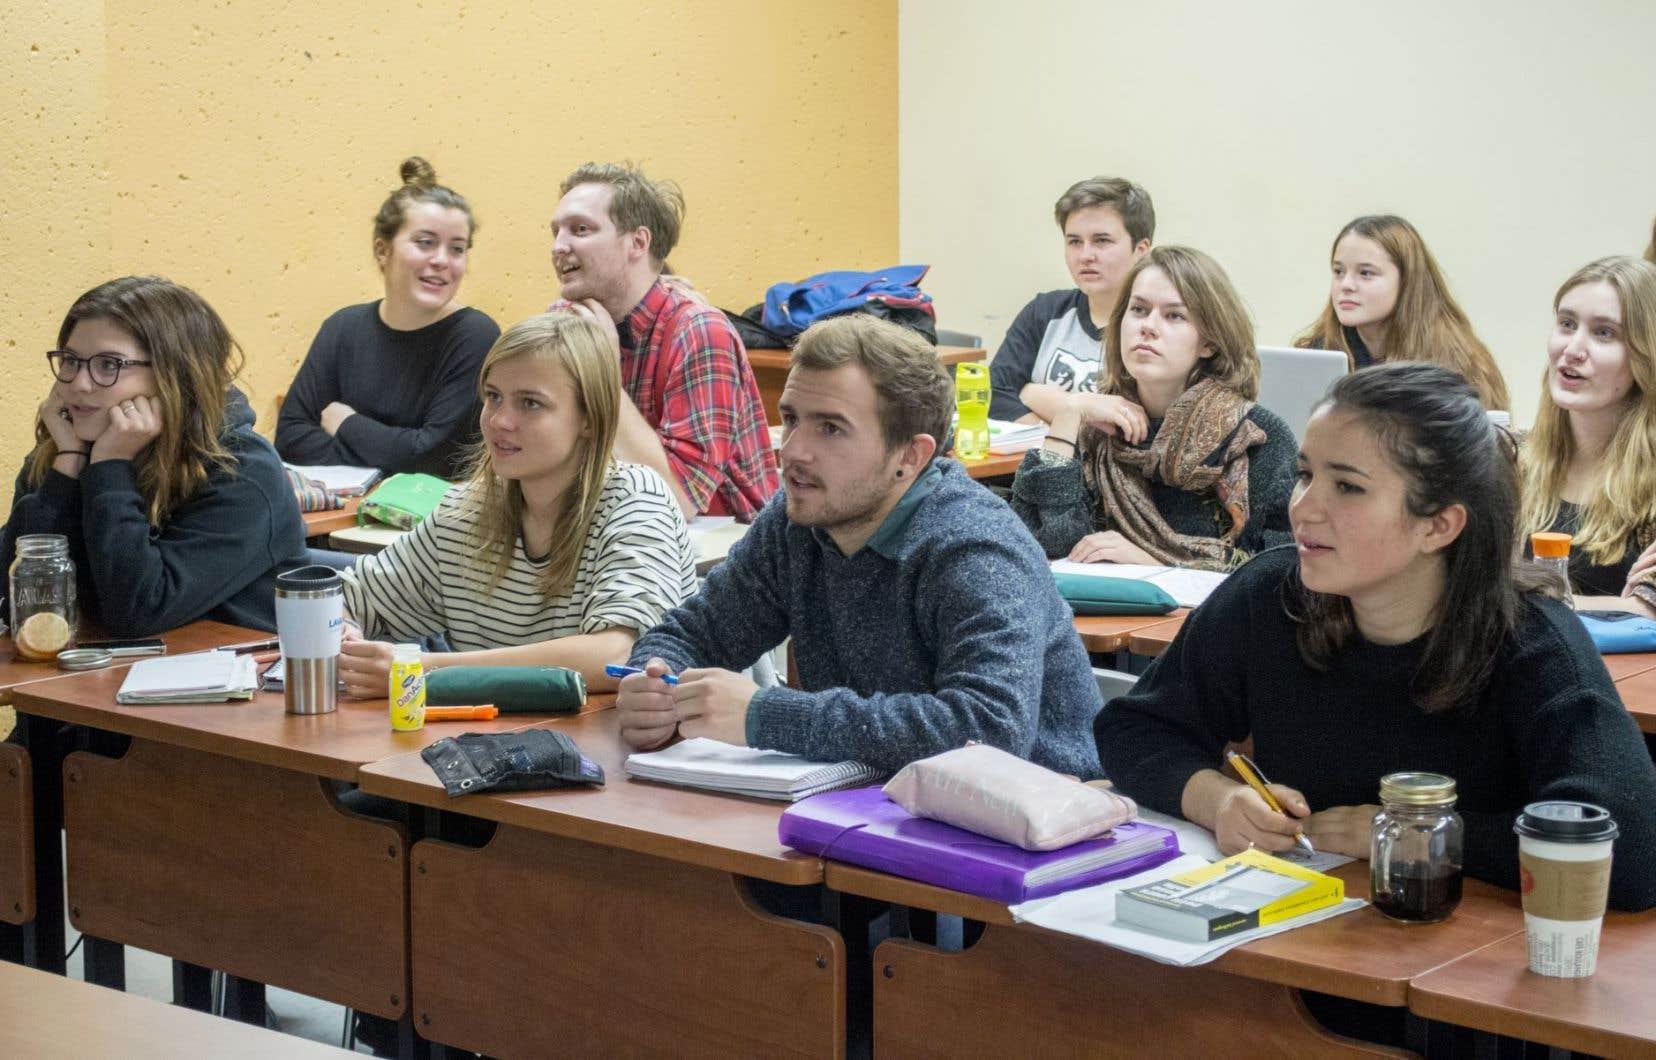 «Les professeurs de sciences humaines au cégep sont bien outillés pour connaître les besoins des étudiants», plaident les auteurs de cette lettre.